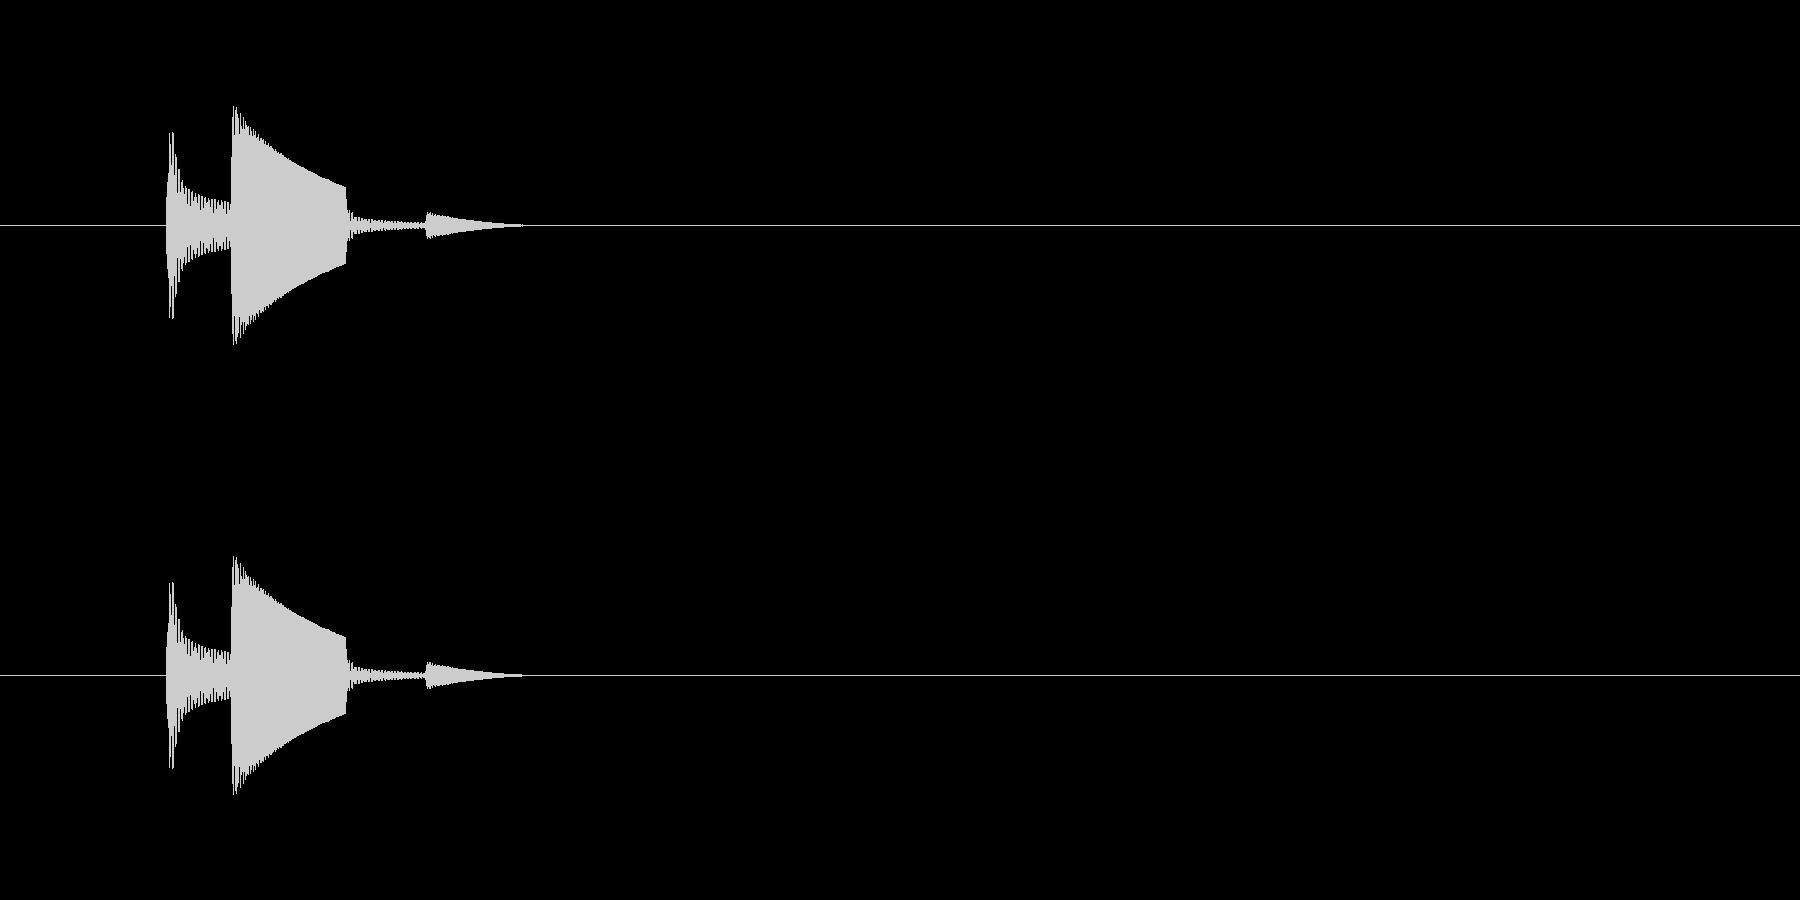 ピコン(アラート、警告、低い)の未再生の波形